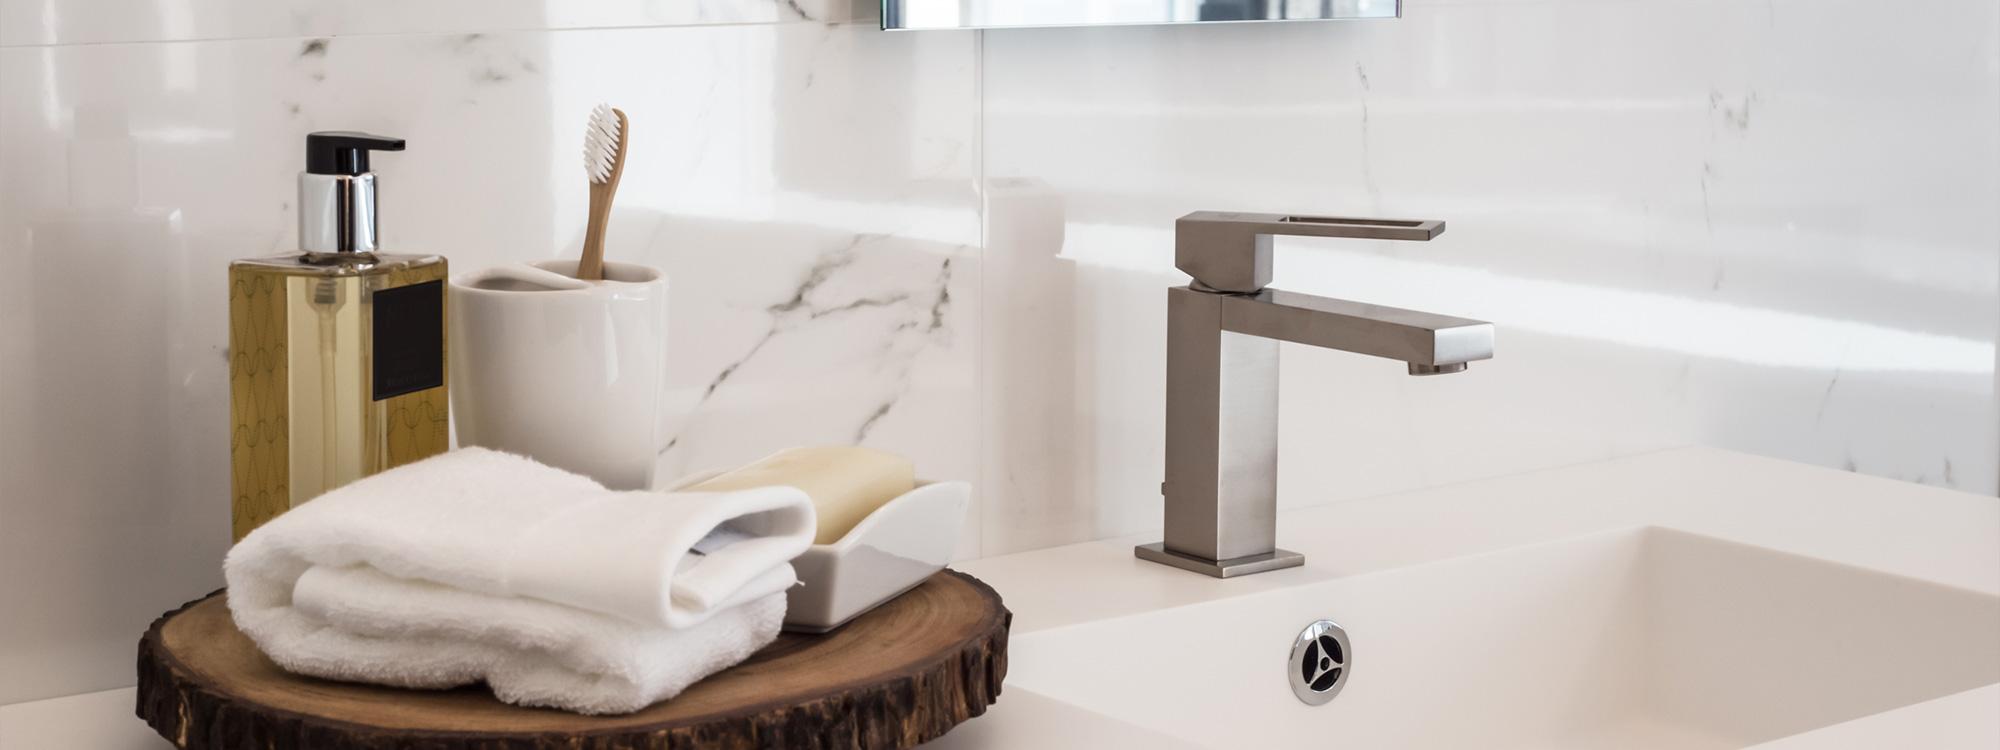 entreprise 2 gy saint gengoux le national pr s de chalon sur sa ne sa ne et loire 71 bourgogne. Black Bedroom Furniture Sets. Home Design Ideas